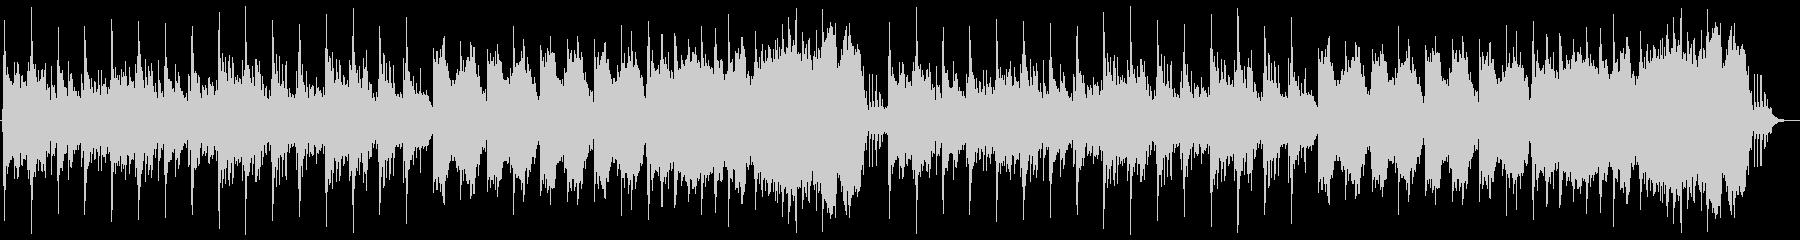 中世の不穏なゴシック曲の未再生の波形